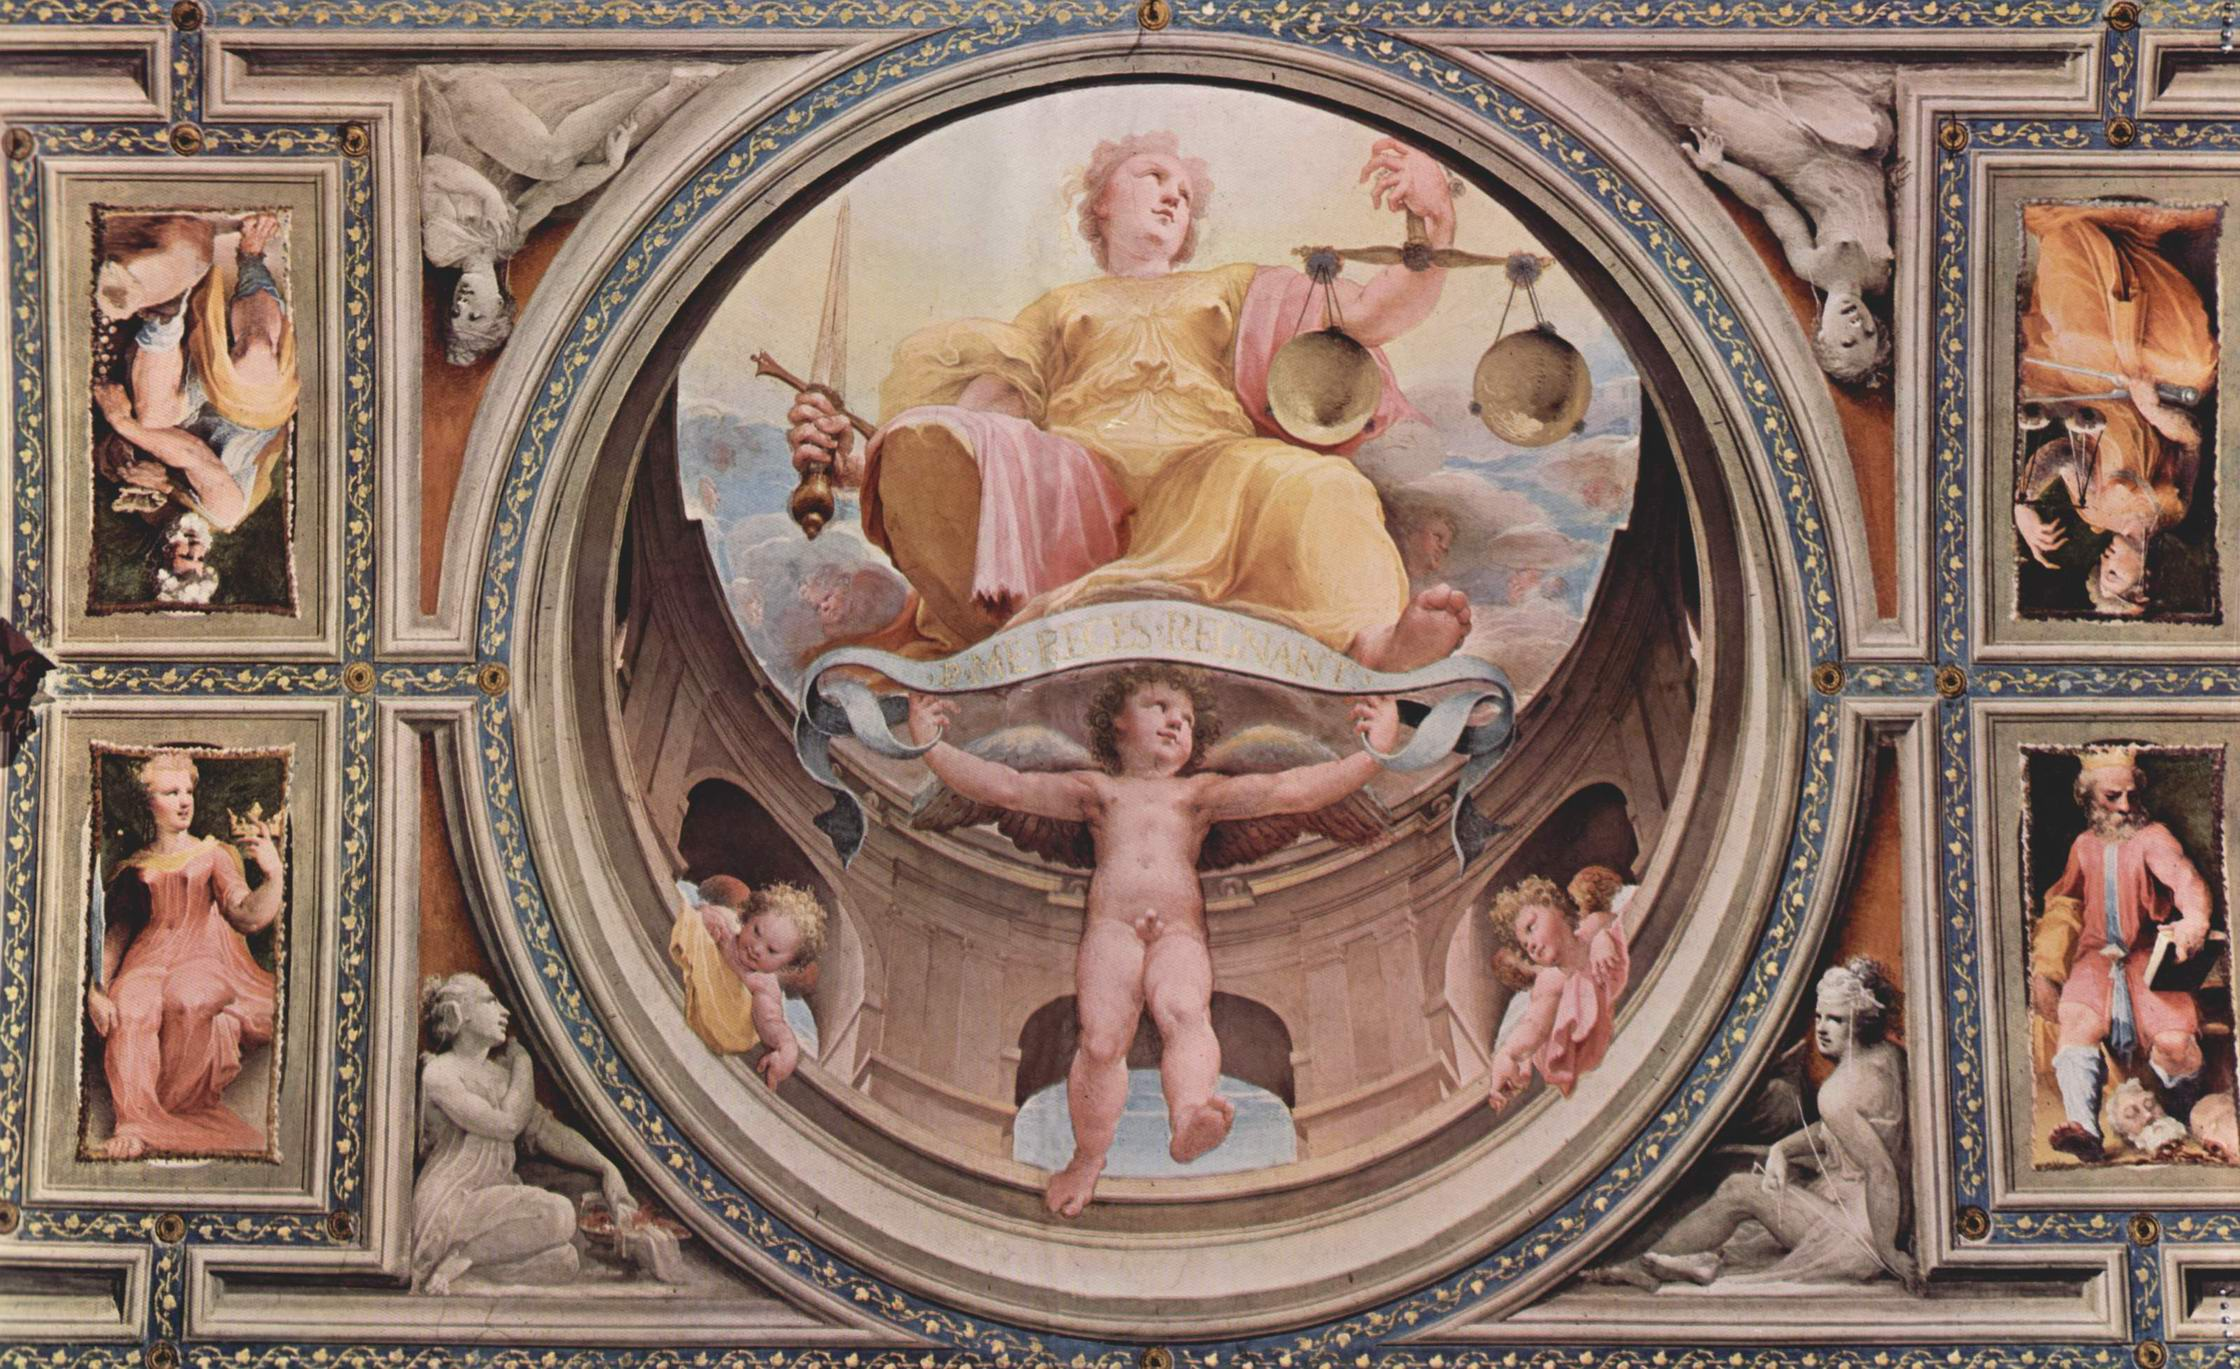 Аллегорический цикл фресок (Политические добродетели) из Палаццо Пубблико в Сиене. Юстиция (Justizia), Беккафуми Доменико